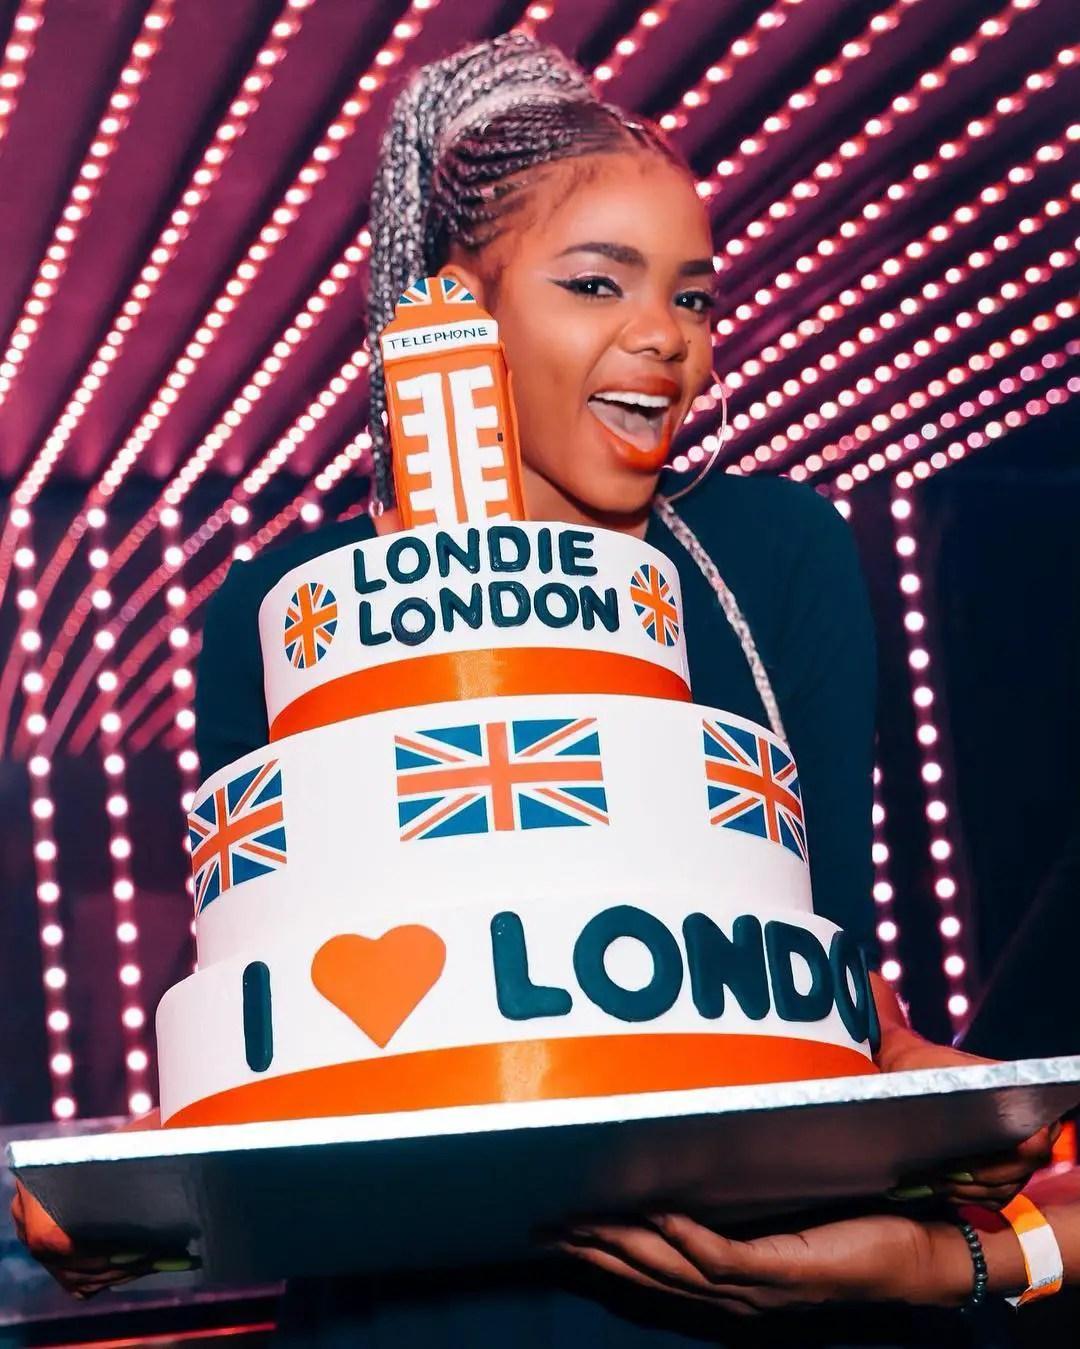 Londie London